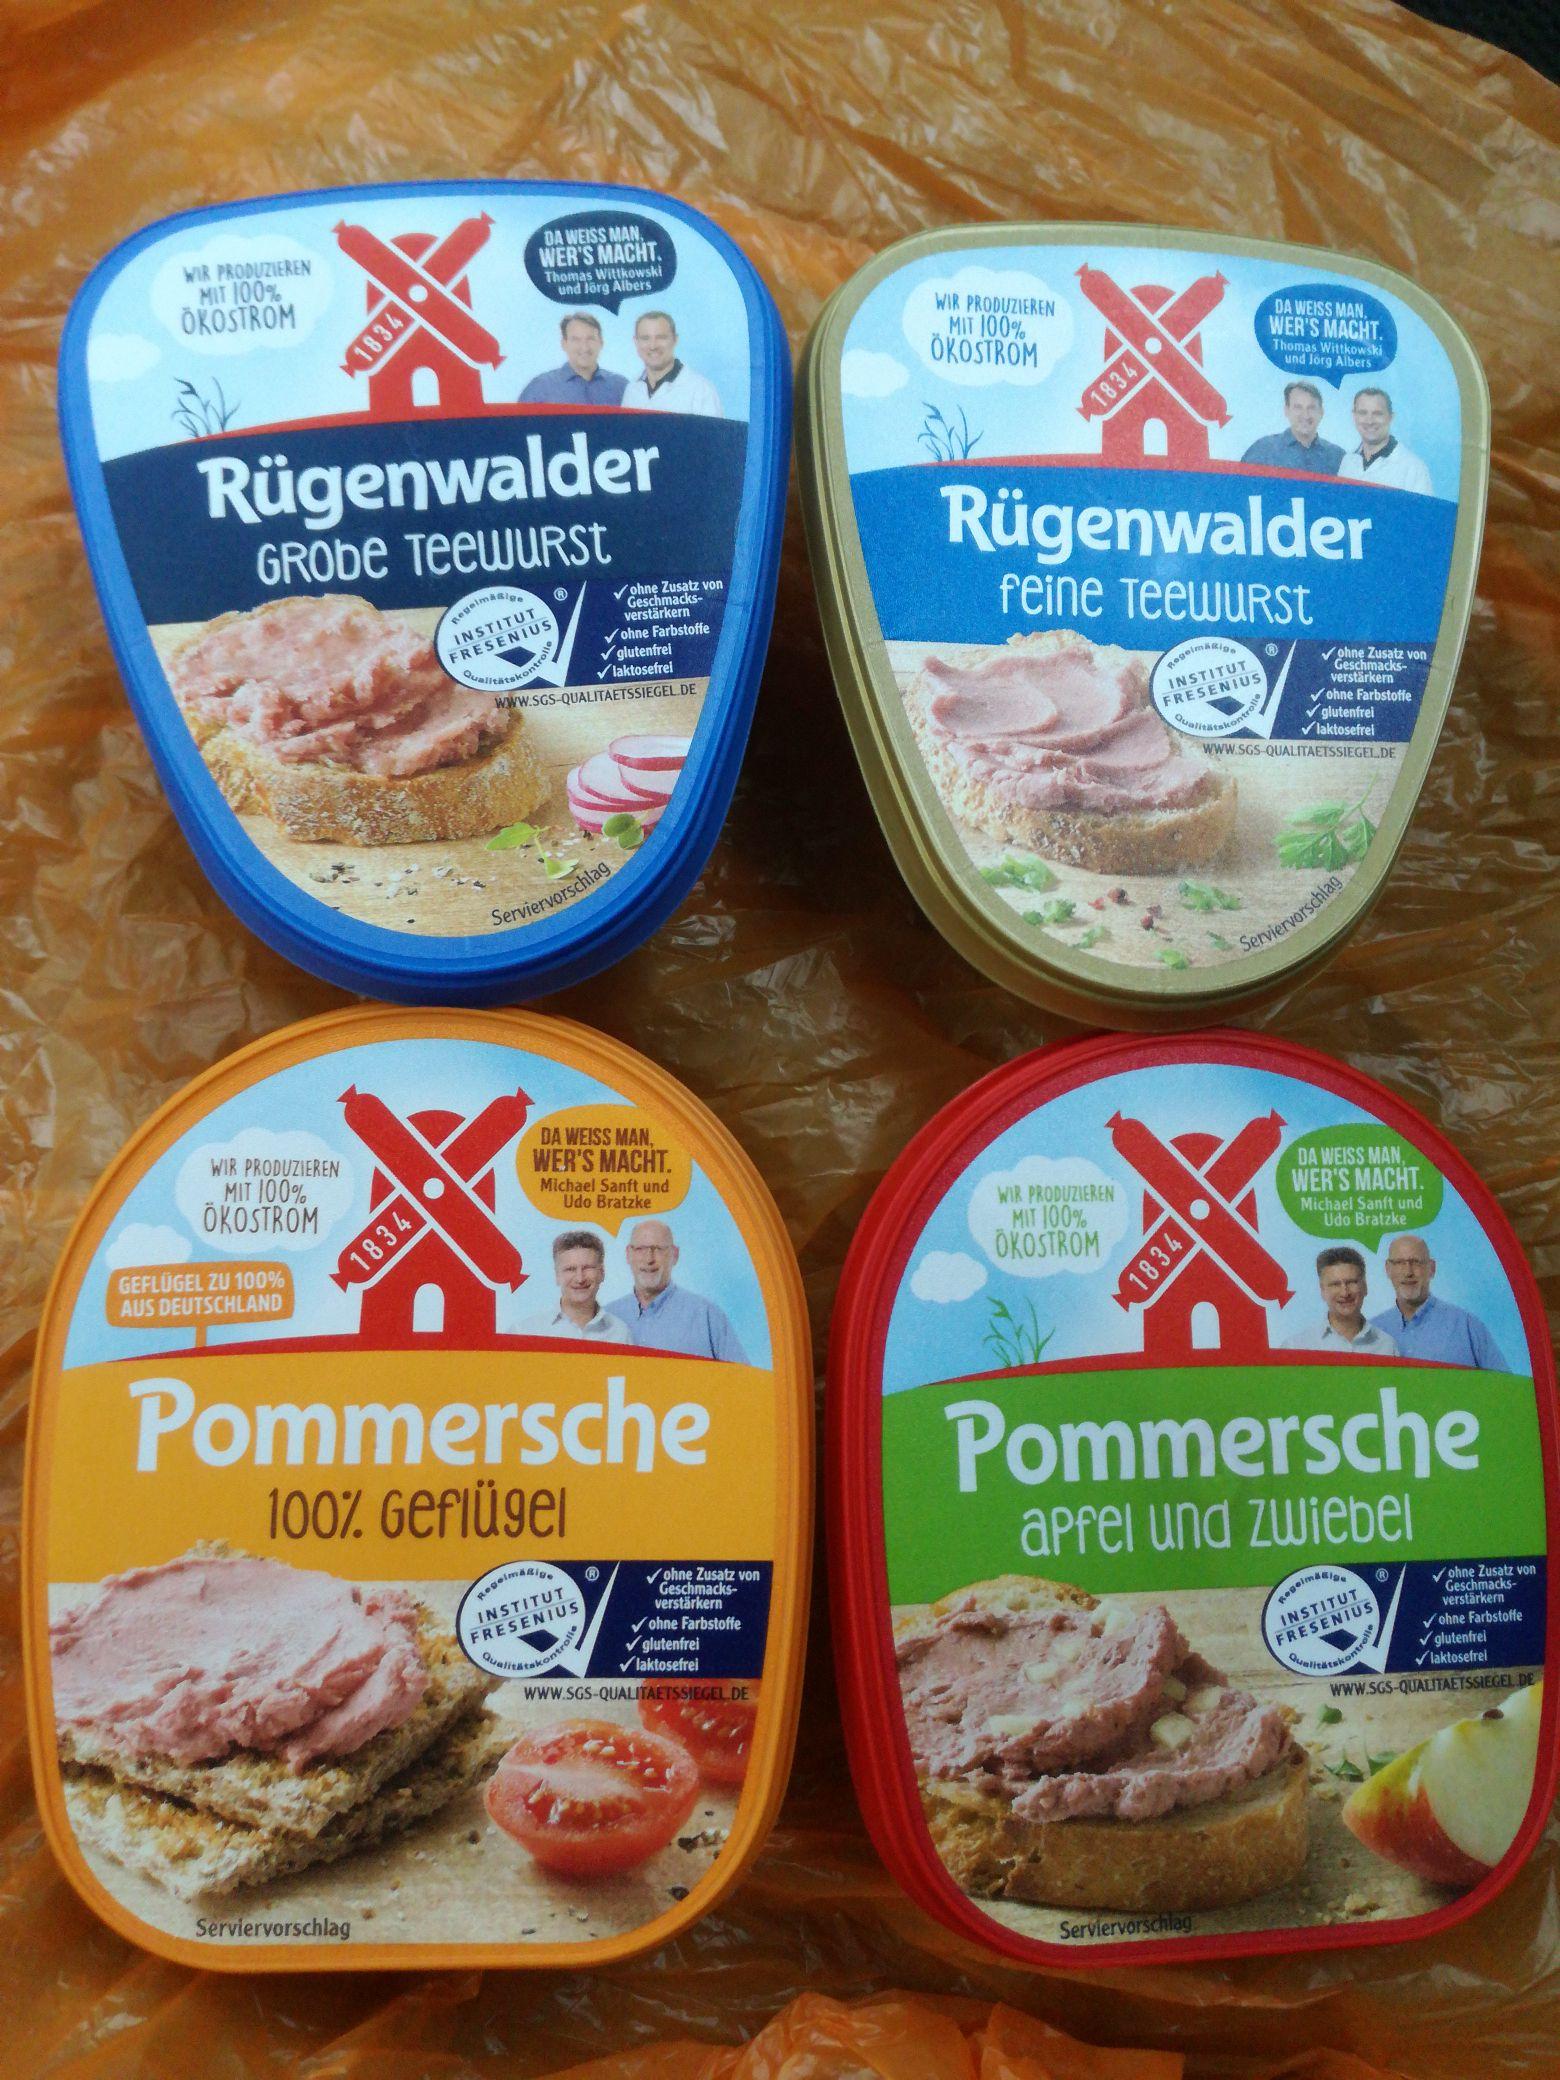 [Kaufland] Rügenwalder - Teewurst + Leberwurst - alle Bechervarianten